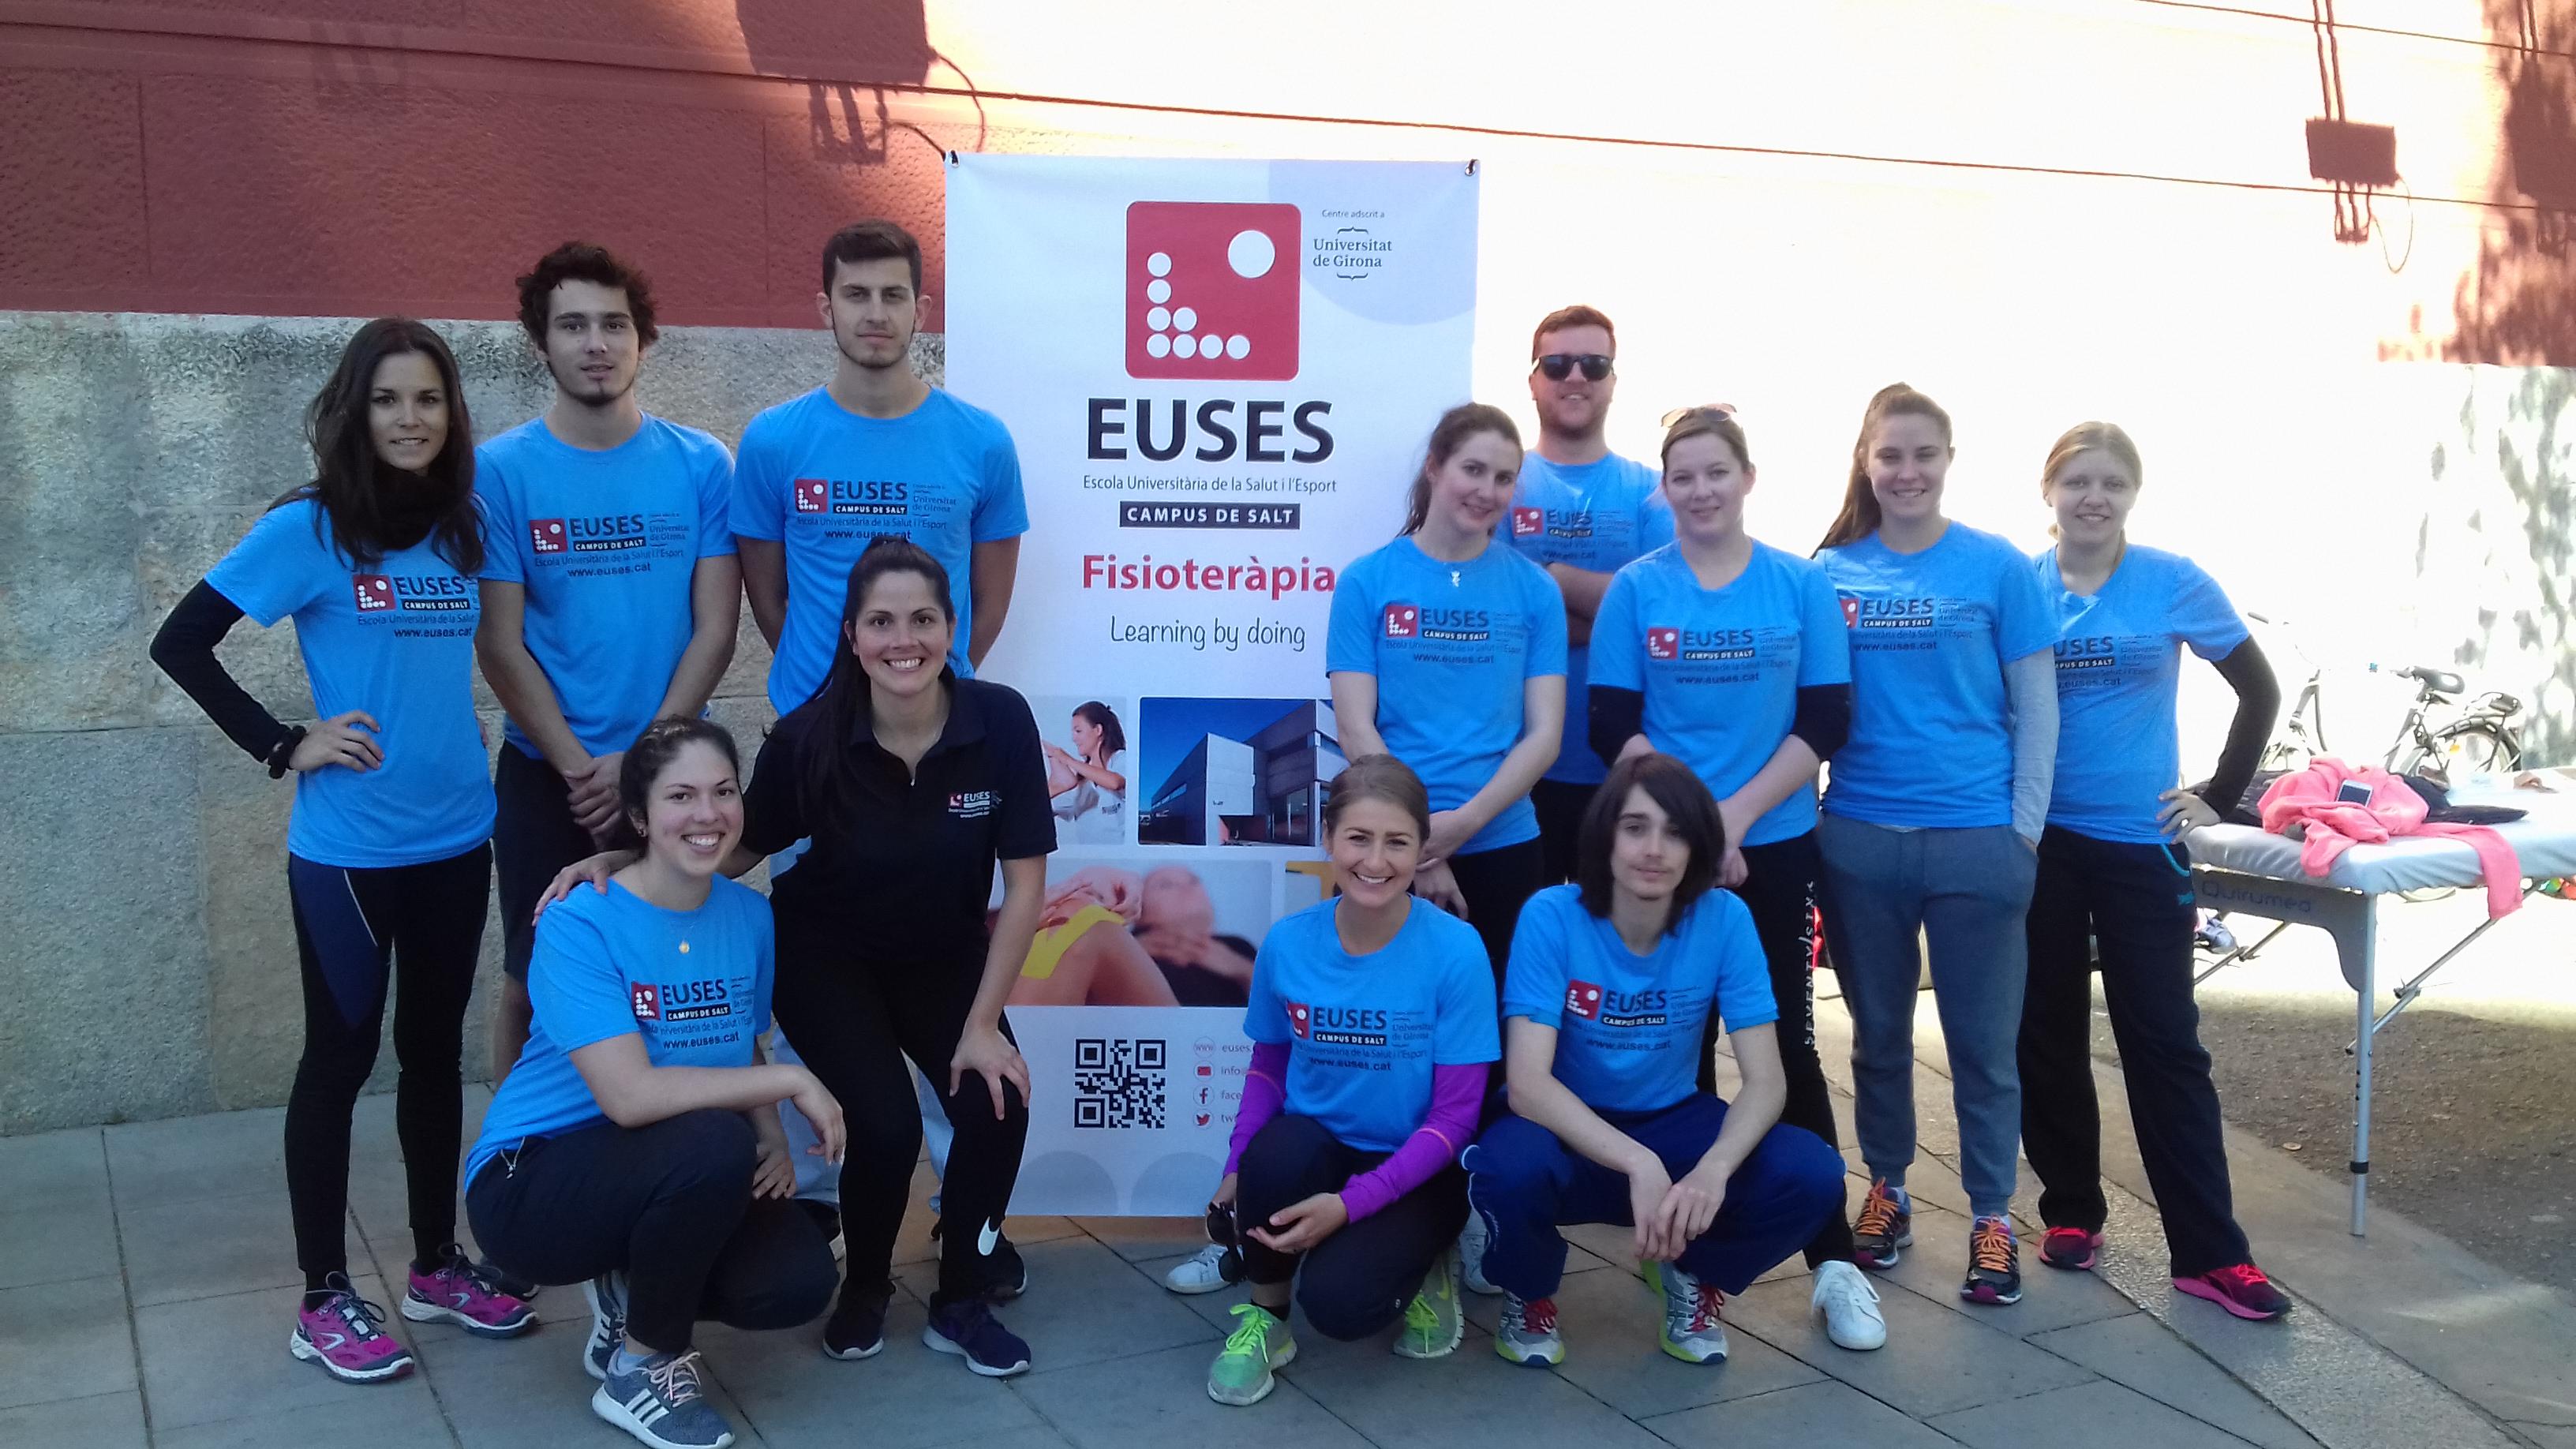 L'Escola Universitària de la Salut i l'Esport col·labora en la recuperació dels esportistes de la 20a cursa 10 Km Girona Esports Parra